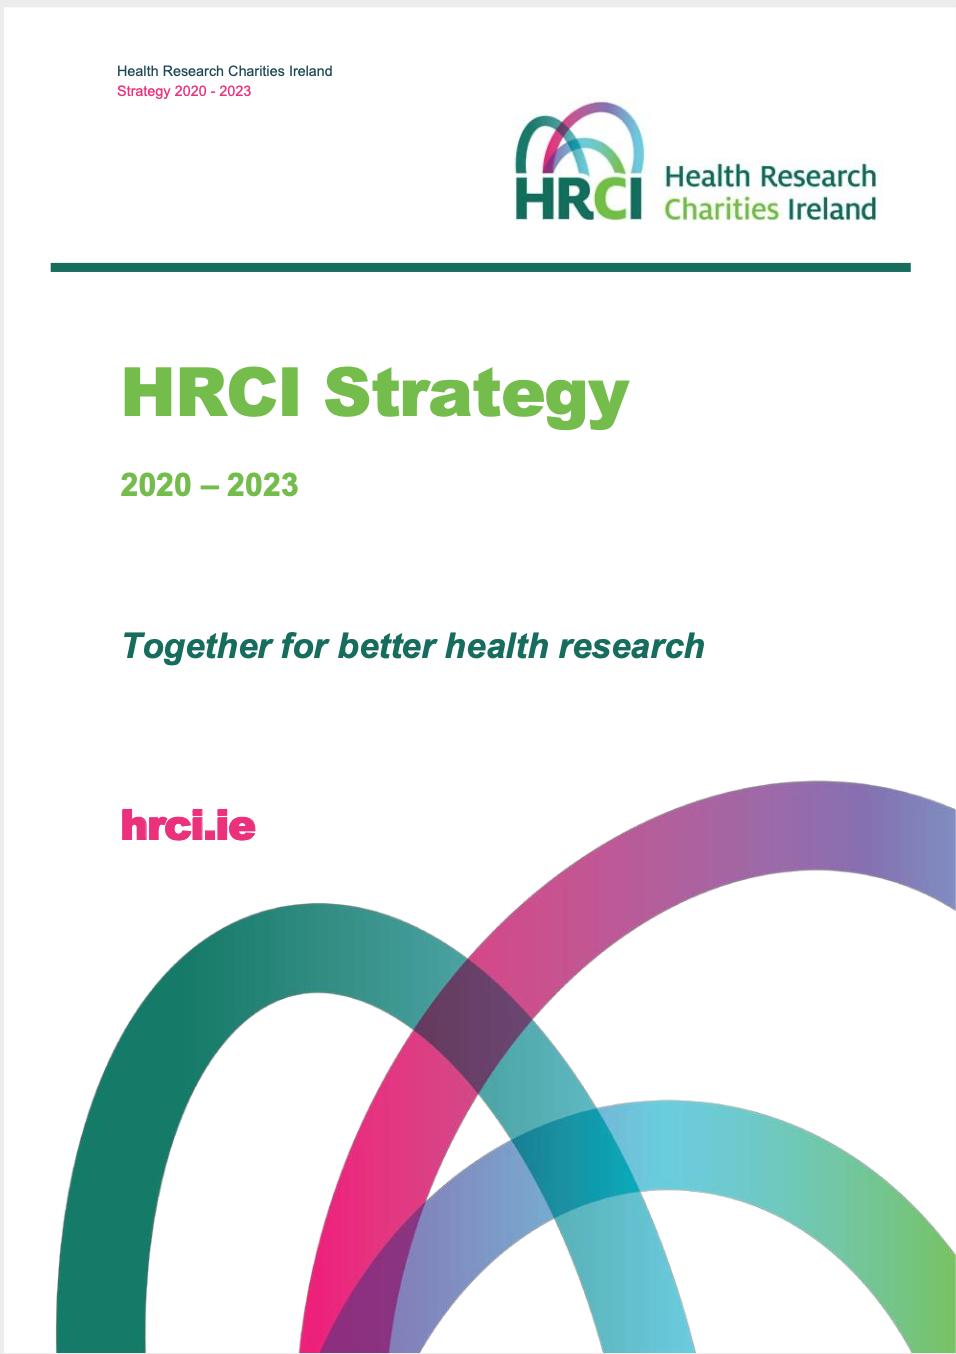 Image HRCI strategy 2020-2023